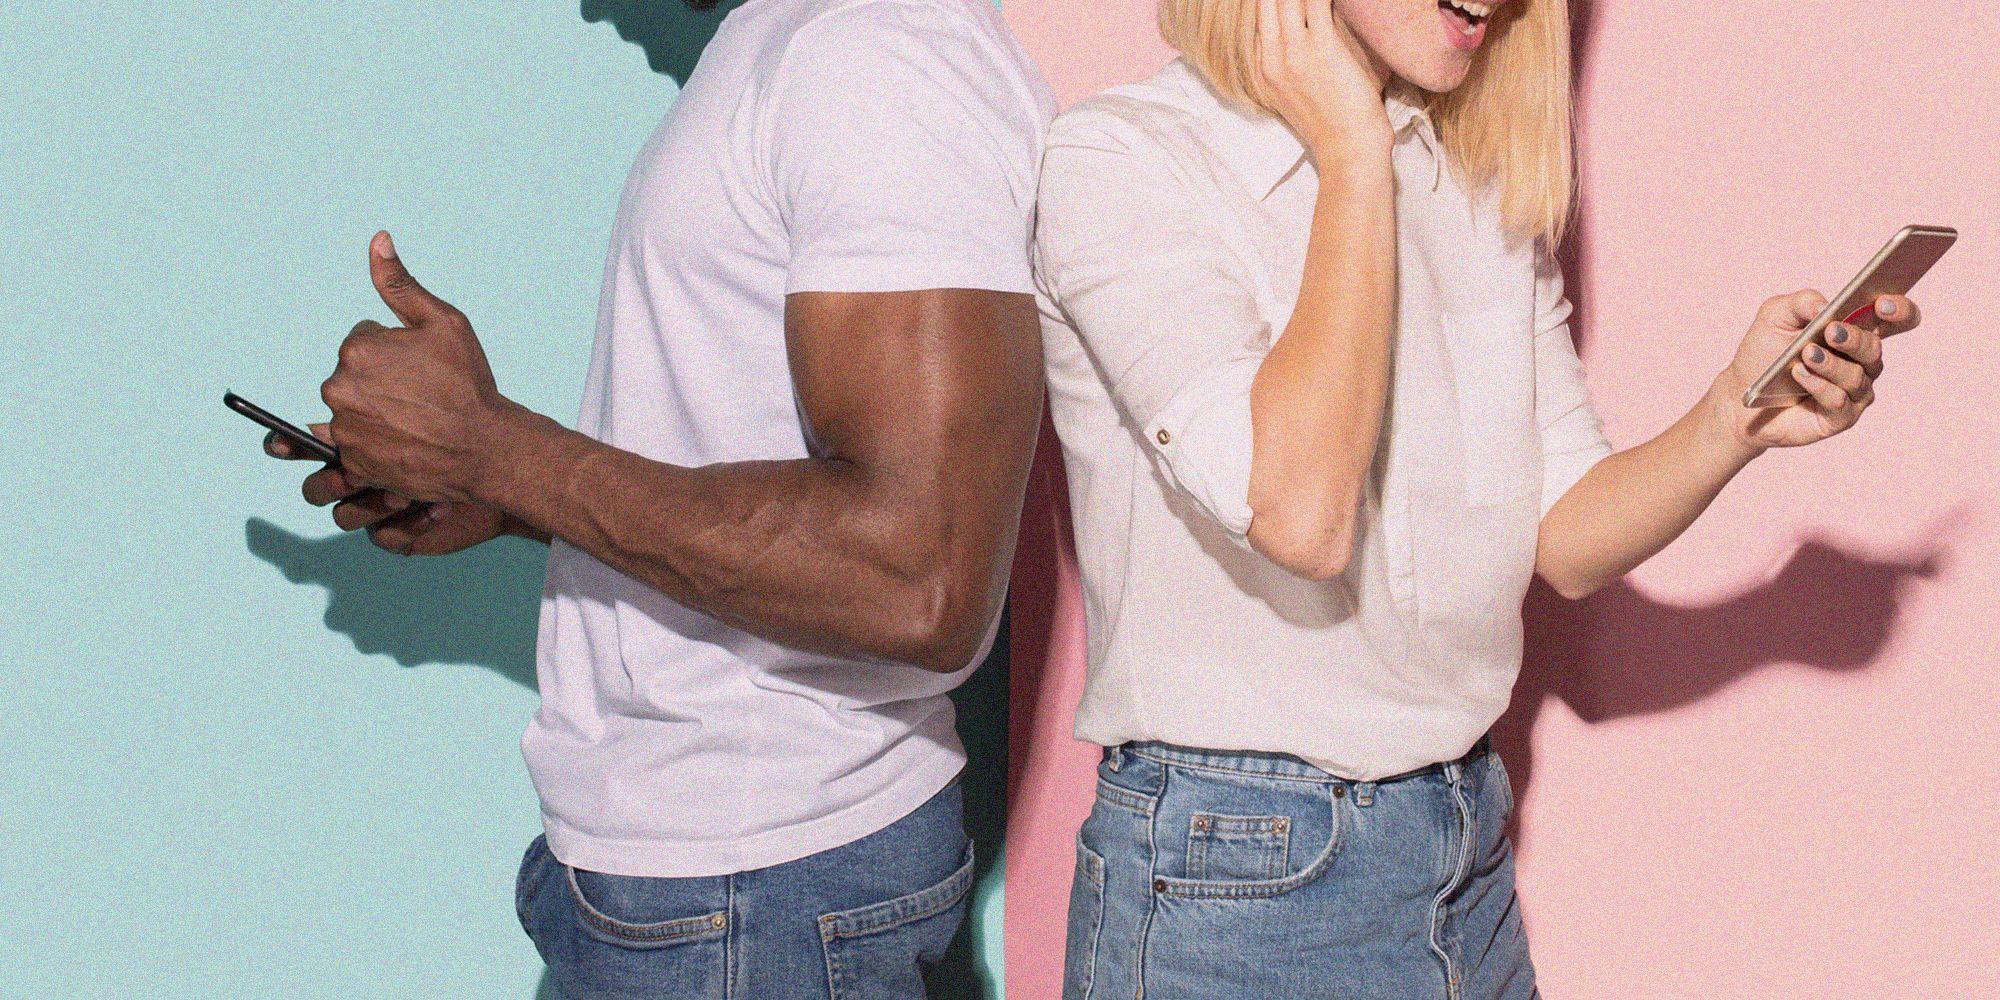 Le 10 domande di coppia da non fare al partner per evitare discussioni (anche in chat)